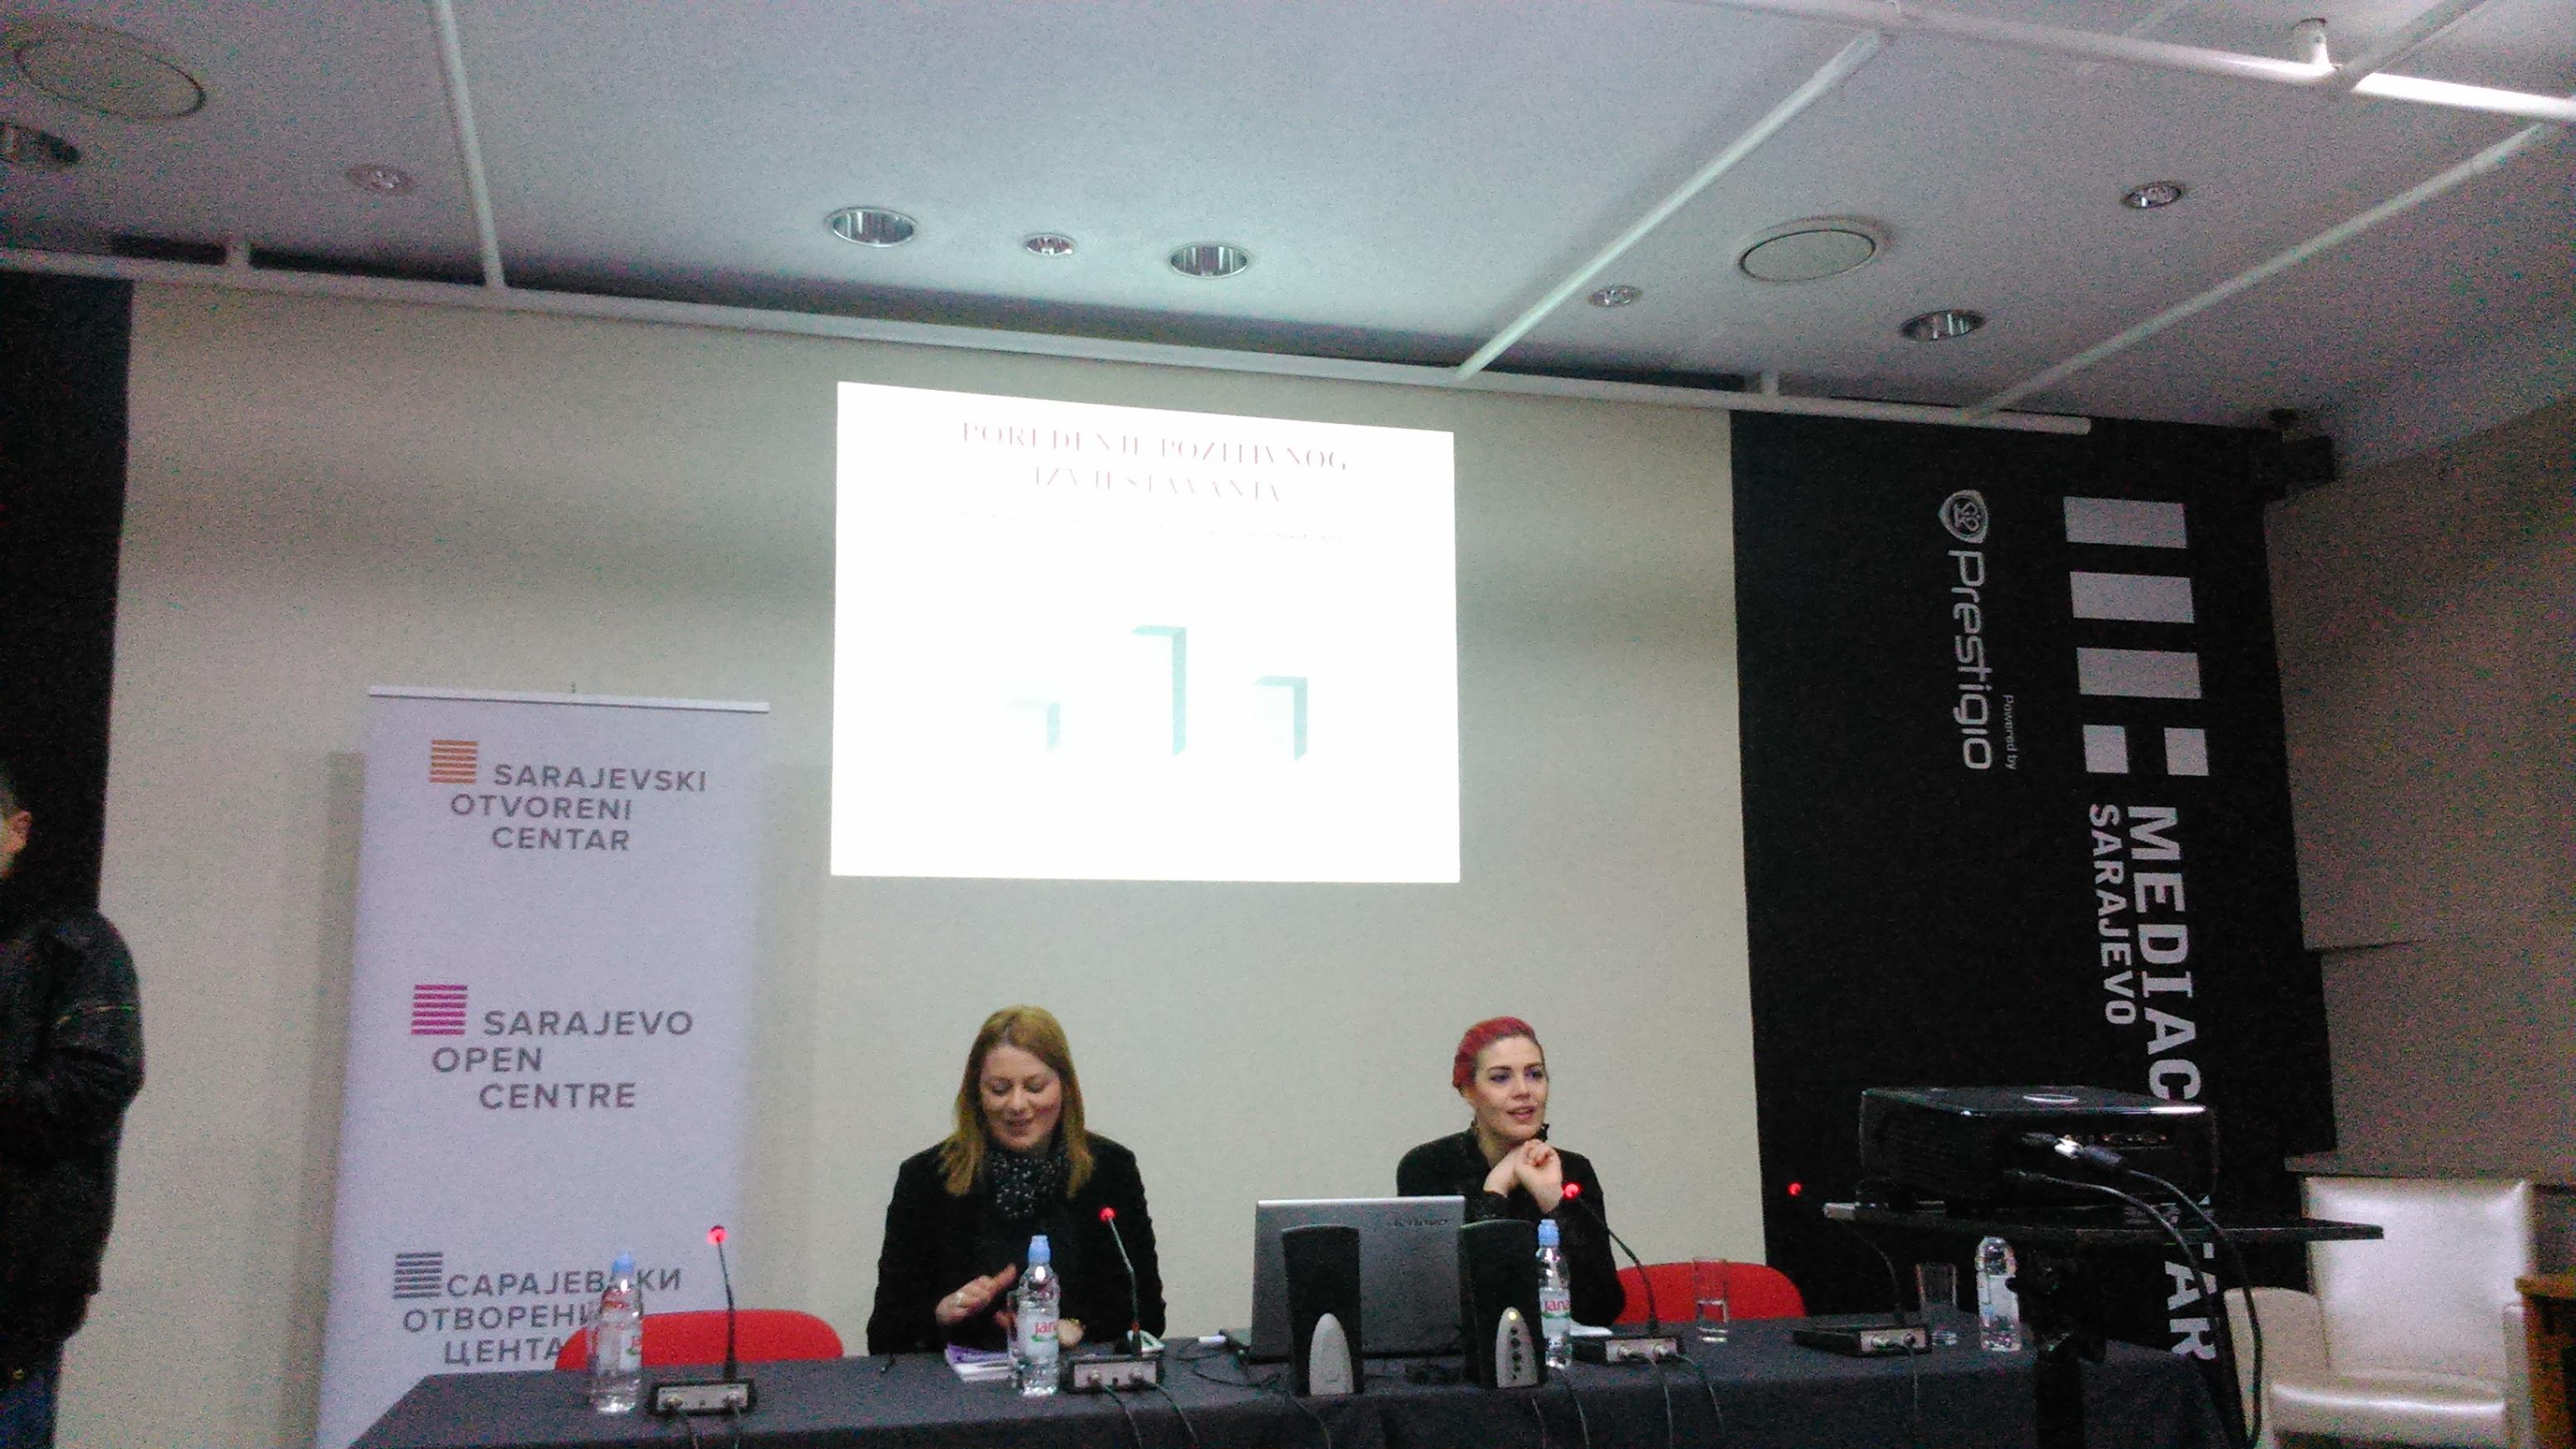 Kristina Ljevak i Masha Durkalić (Foto: Emina Bošnjak)